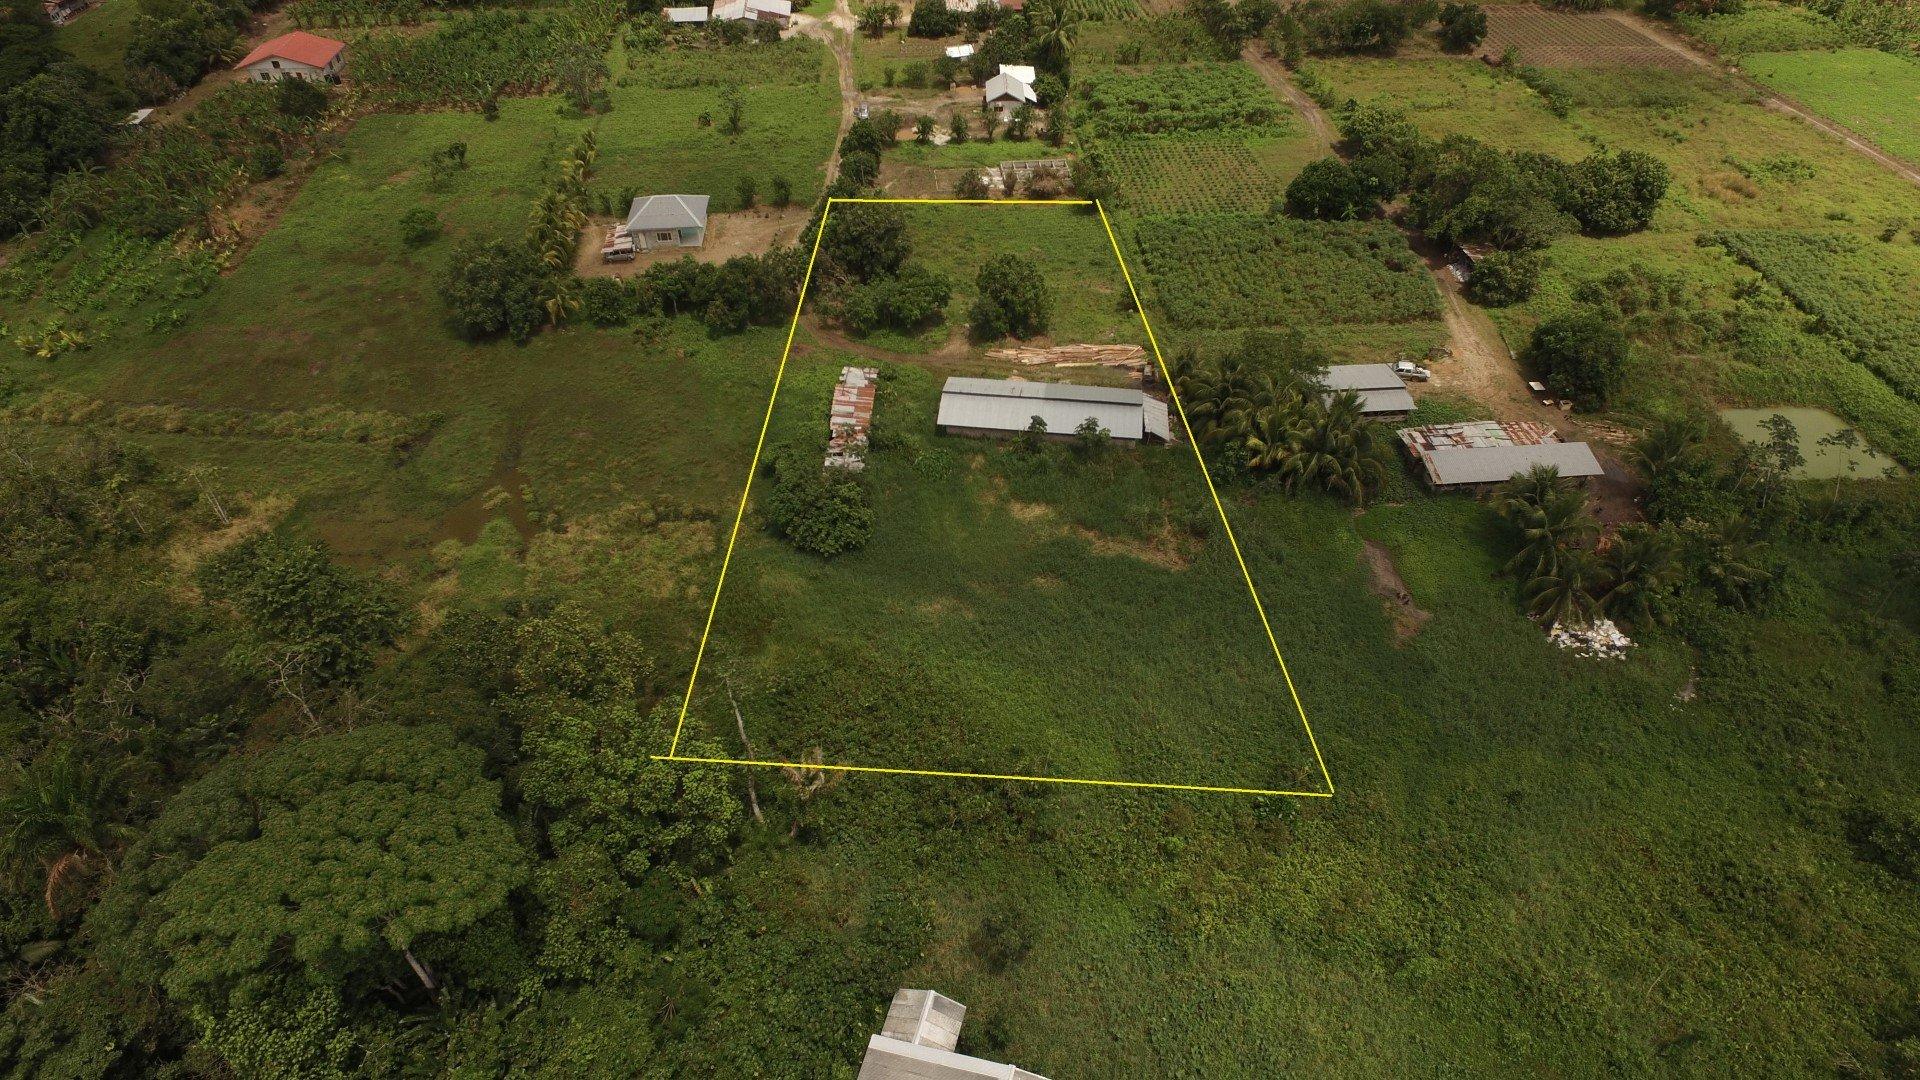 Zwampweg, Djojoastroweg - Hooggelegen terrein langs een klein kanaal. - Surgoed Makelaardij NV - Paramaribo, Suriname